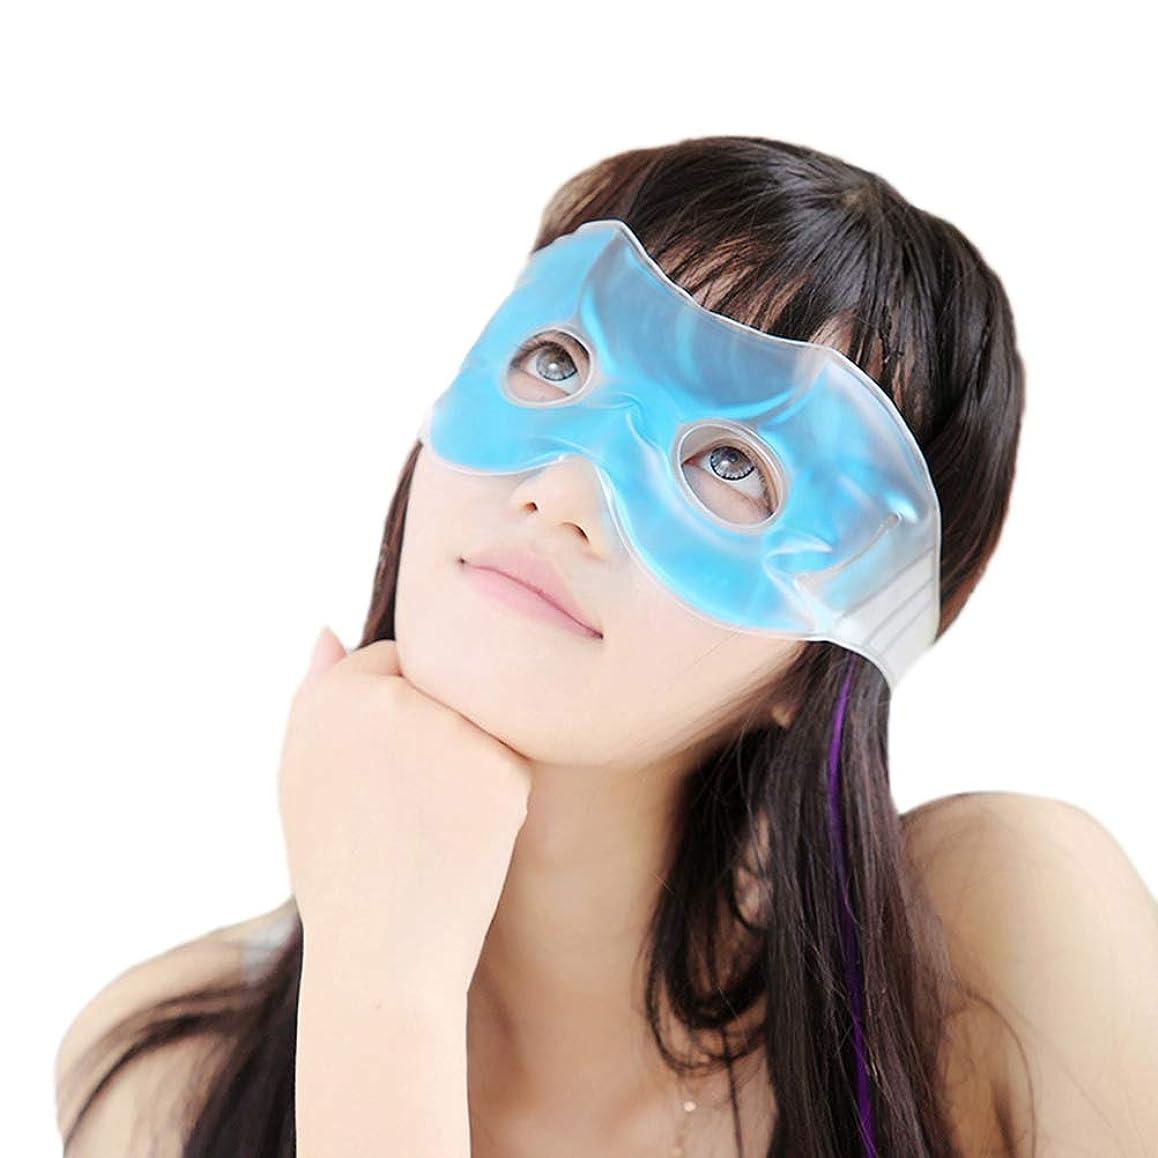 暖かくパネル素人Heallilyアイスアイマスク睡眠アイスパッチ冷却リラックスブラインド快適なパッチ用アイパフネスダークサークル